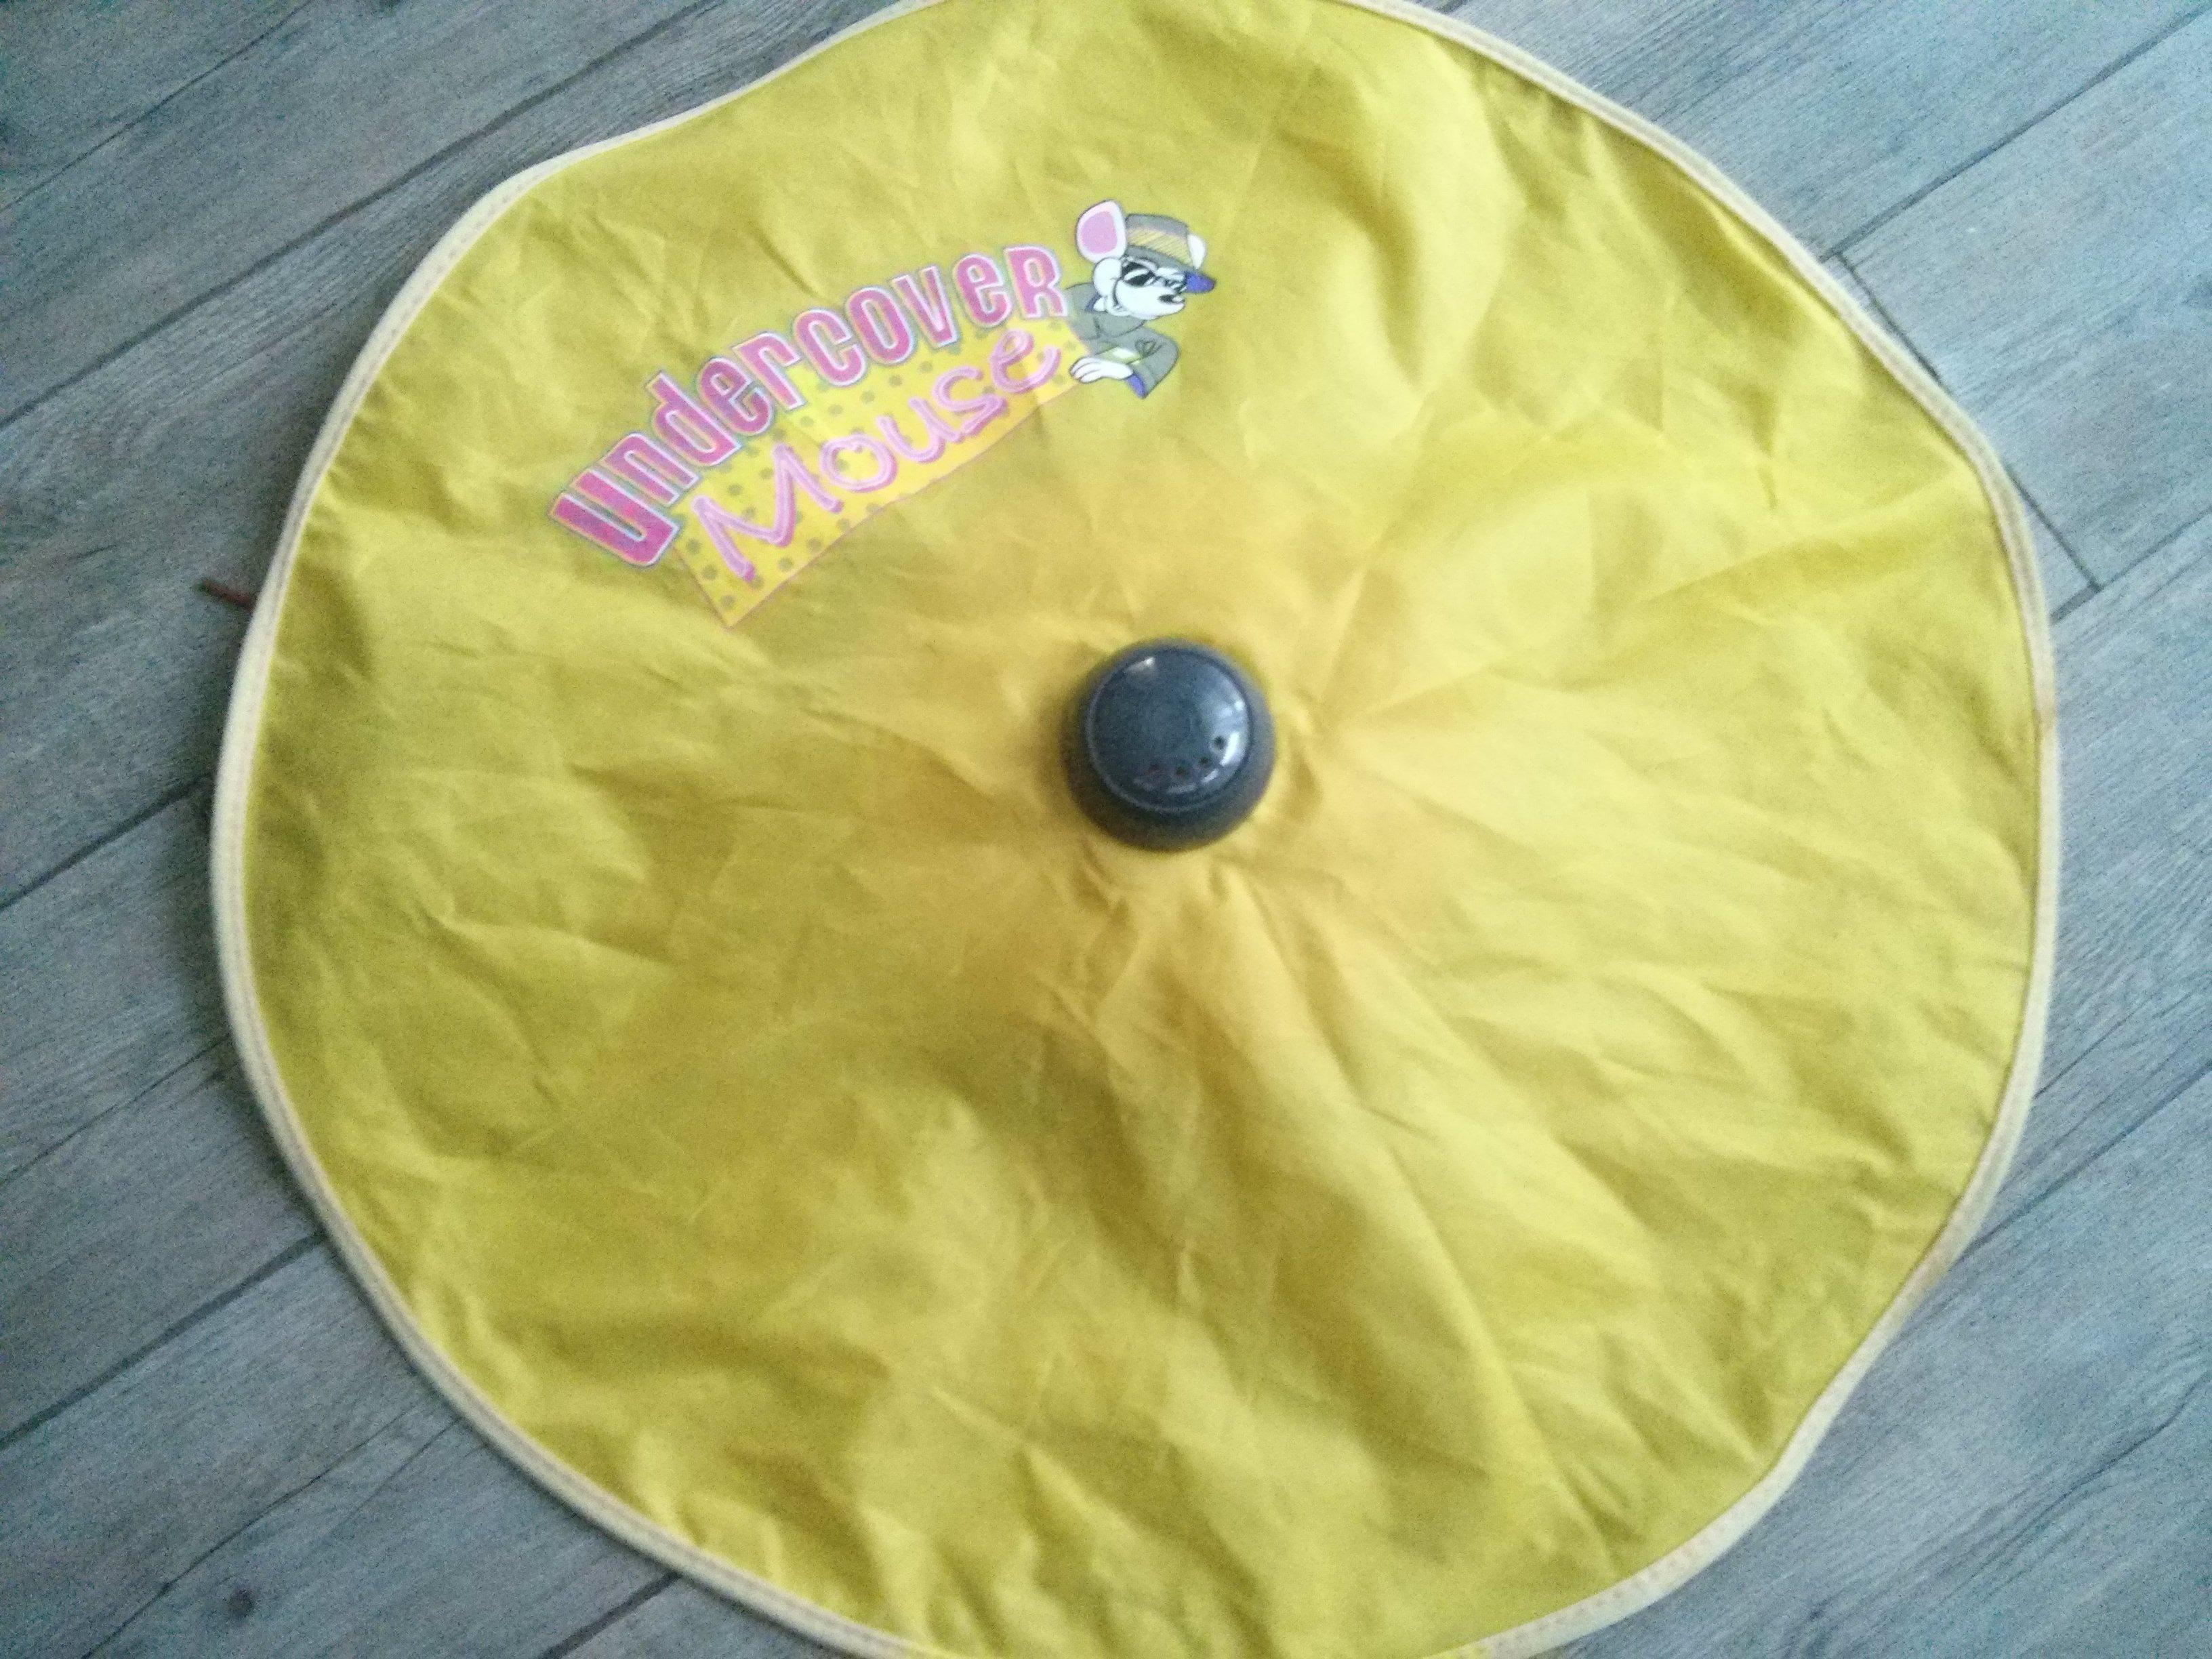 troc de troc jouet chat undercover mouse diamètre 60 cm image 0